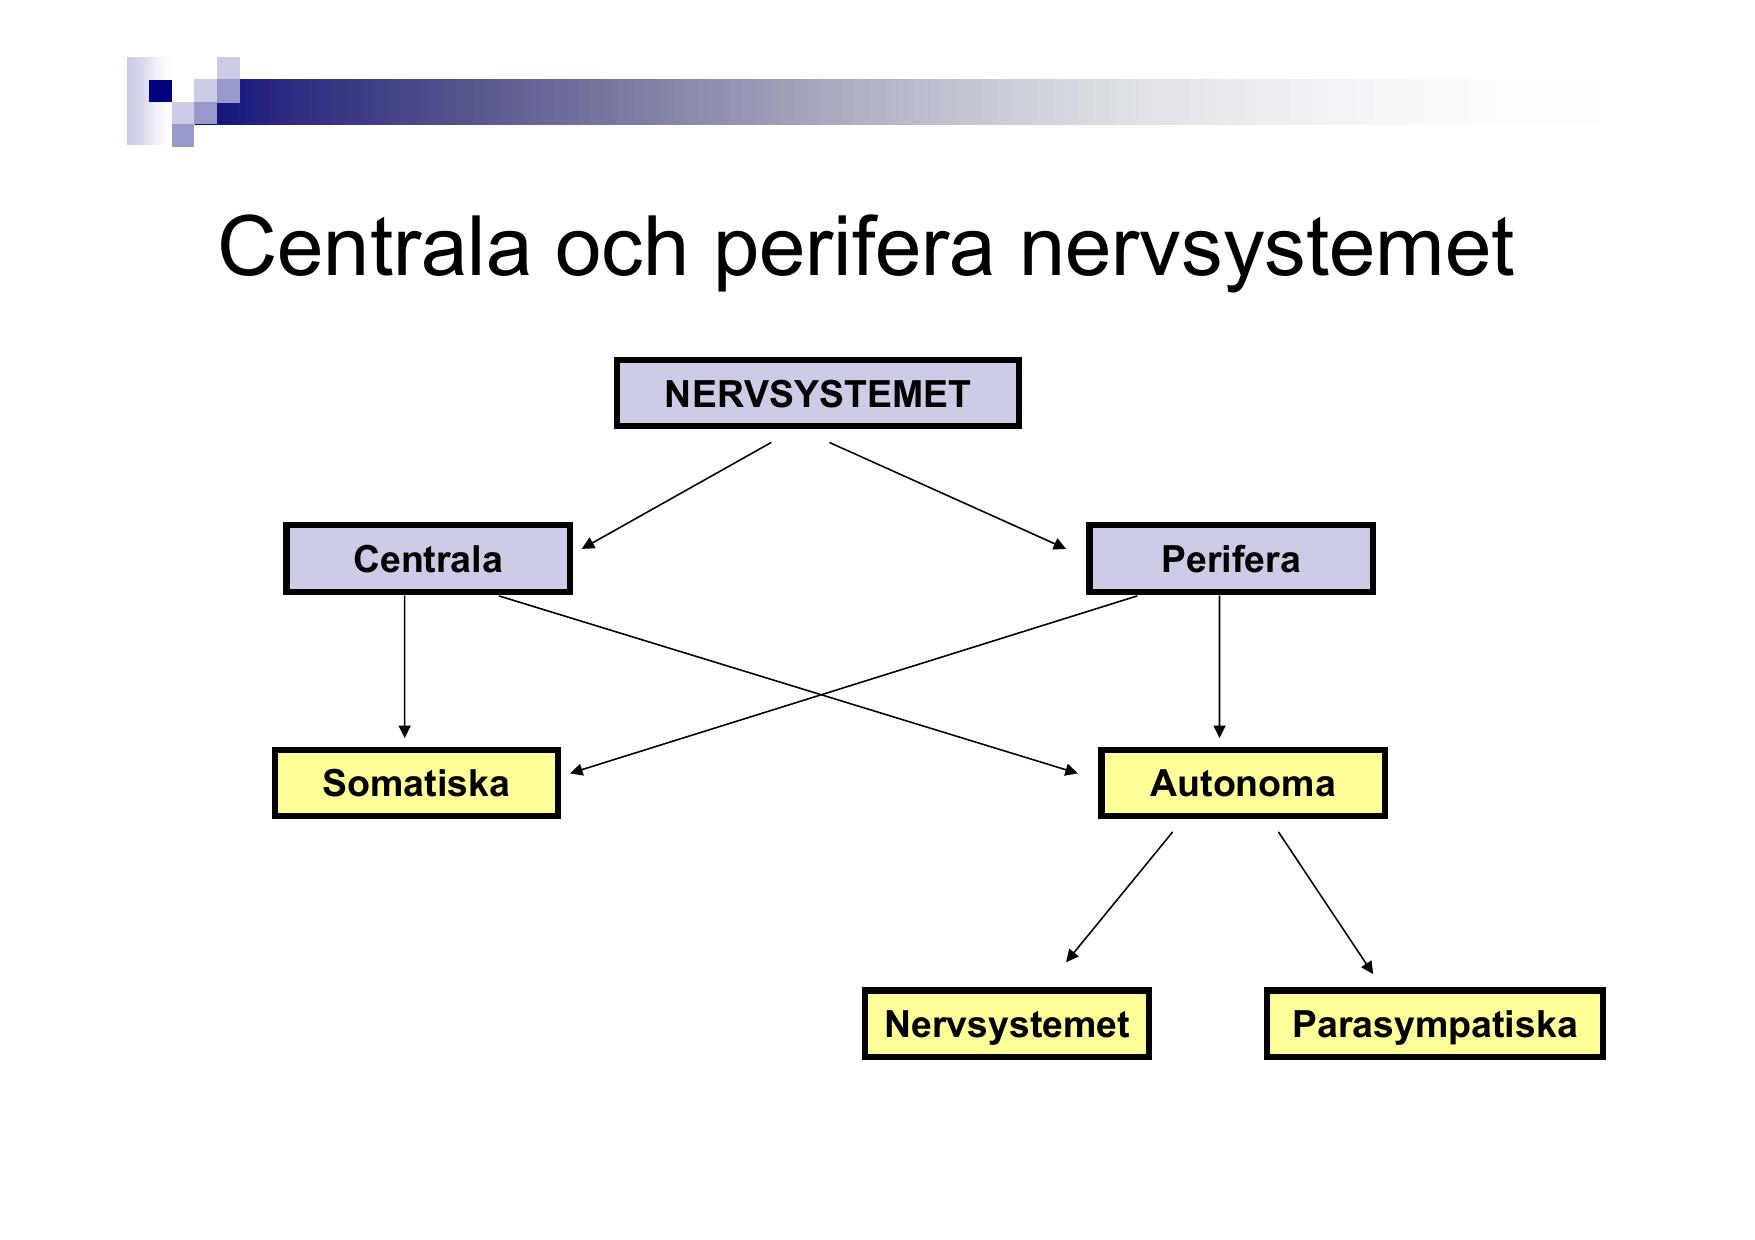 centrala och perifera nervsystemet